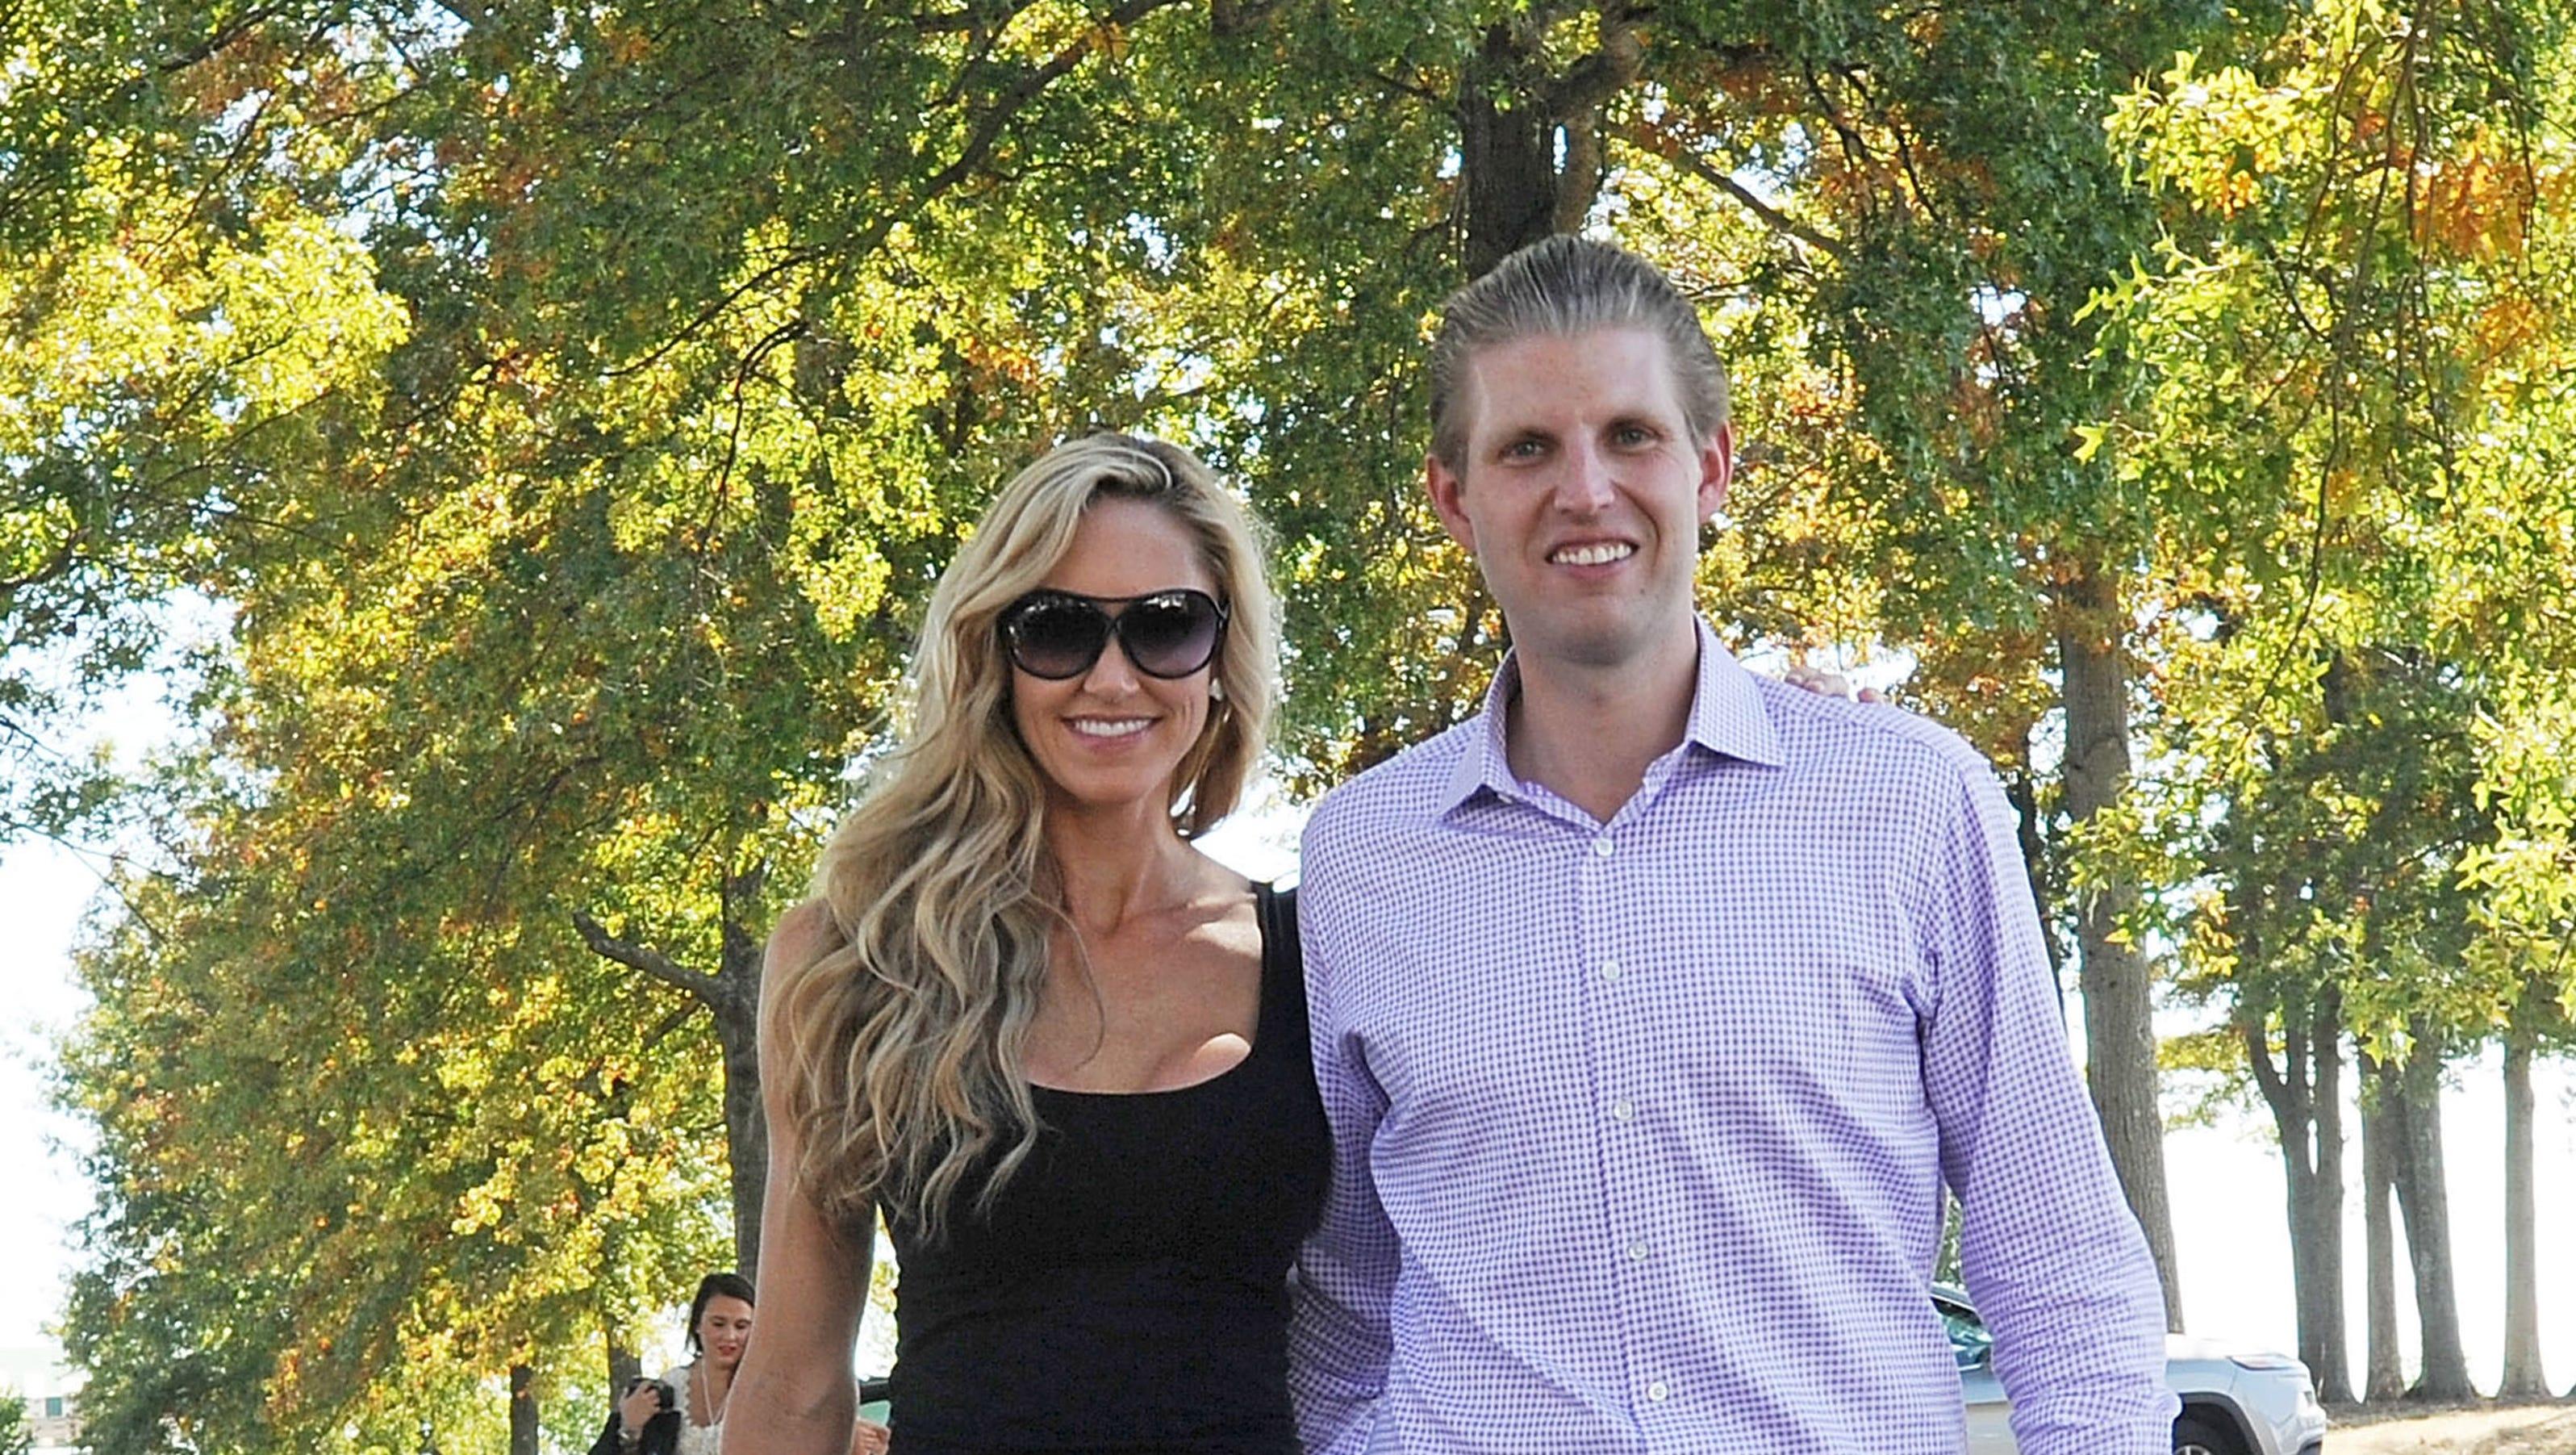 Eric Trump marries Lara Yunaska in lavish wedding